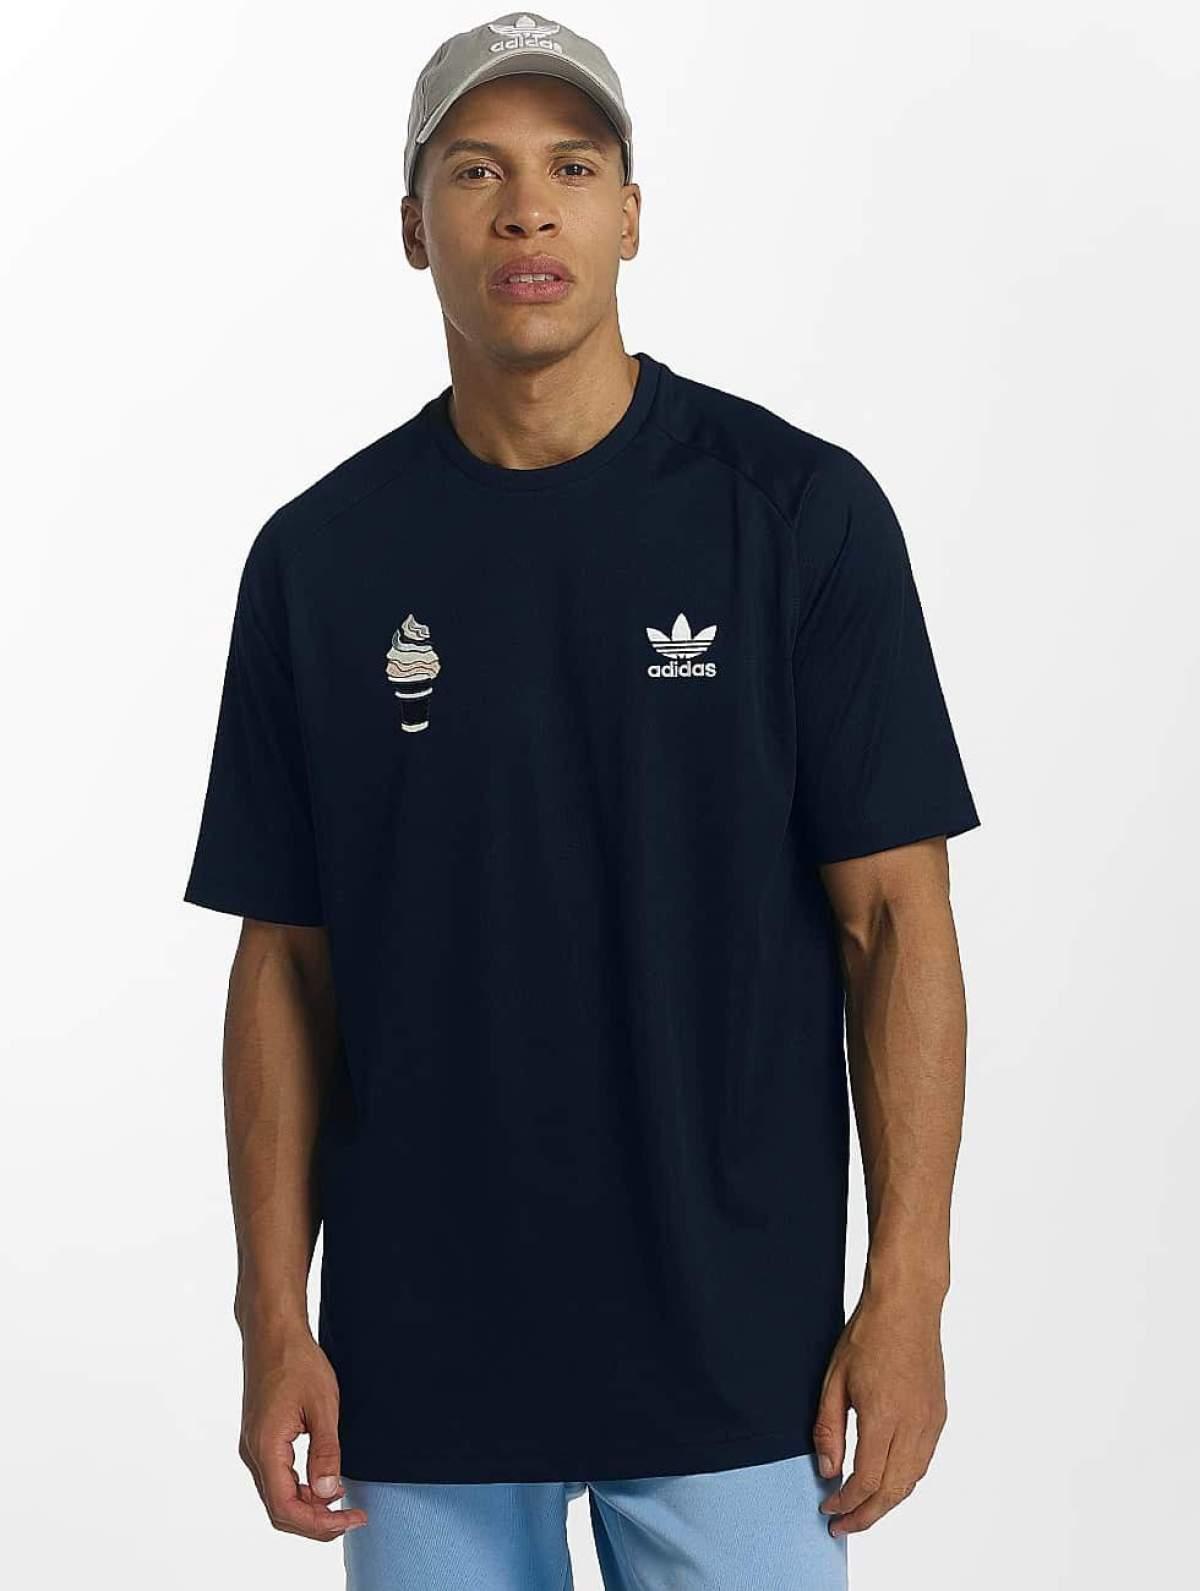 adidas originals Männer T-Shirt Football in blau